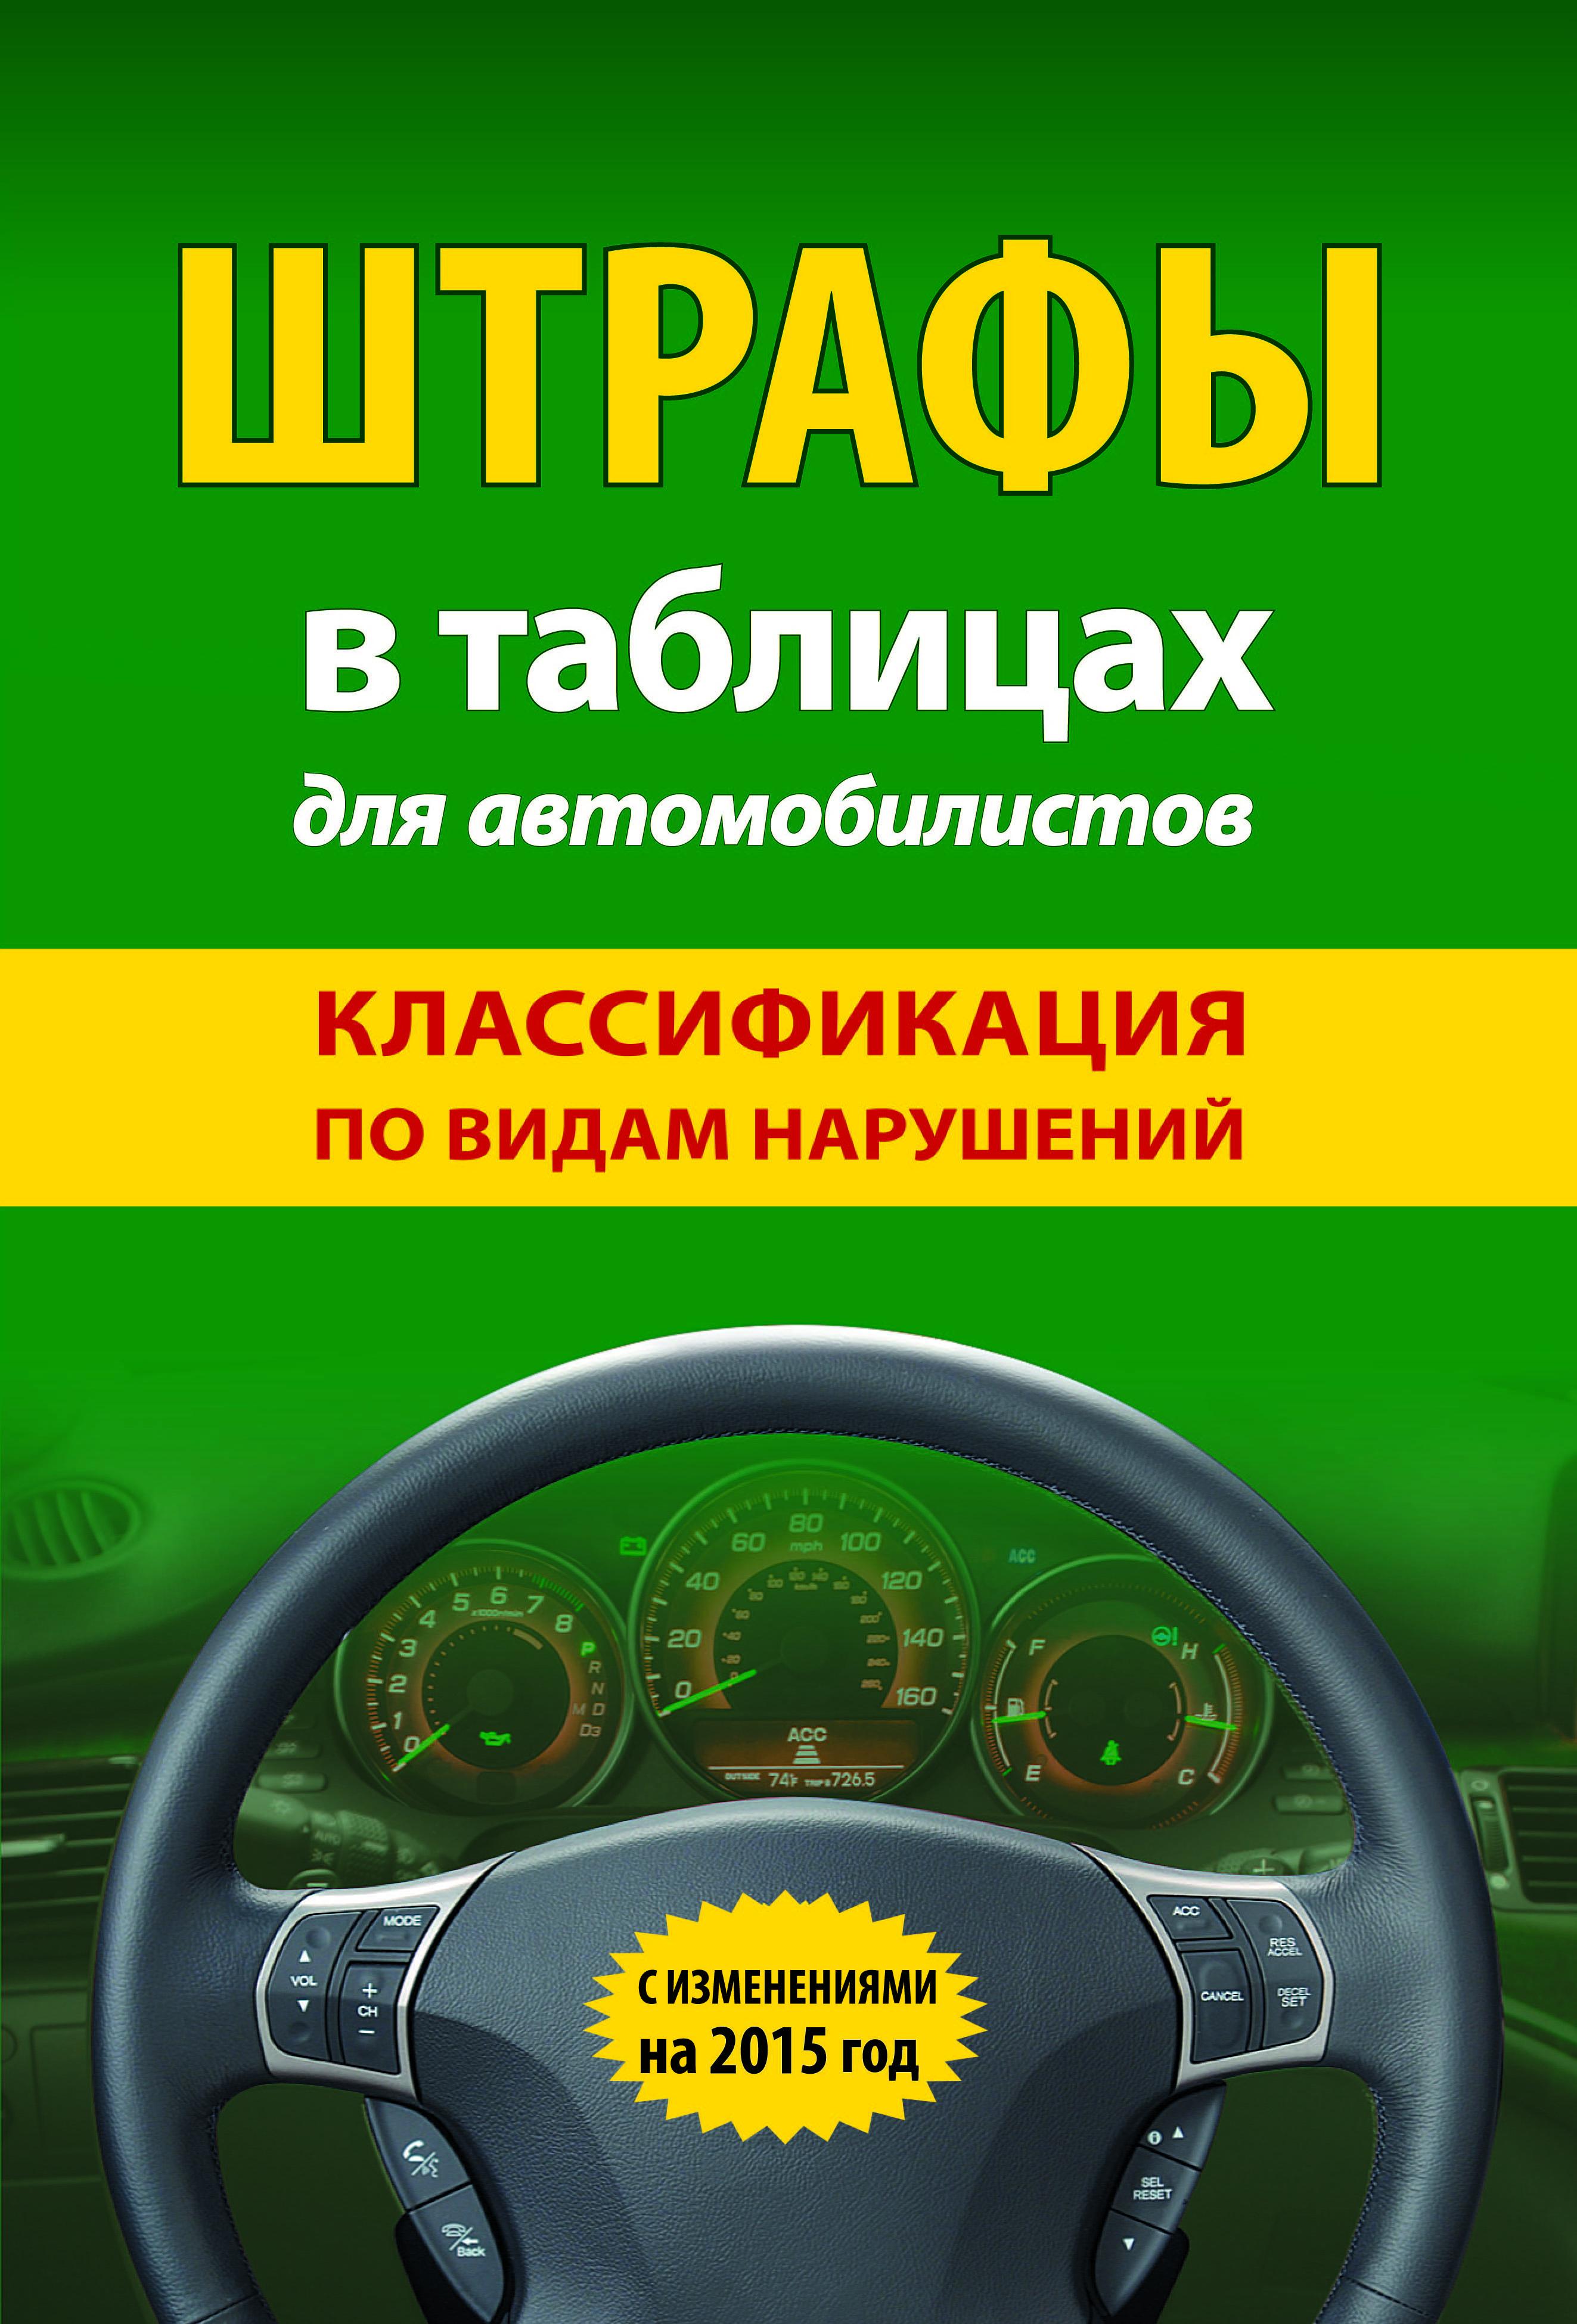 Штрафы в таблицах для автомобилистов с изм. на 2015 (классификация по видам нарушений) ( 978-5-699-76604-8 )